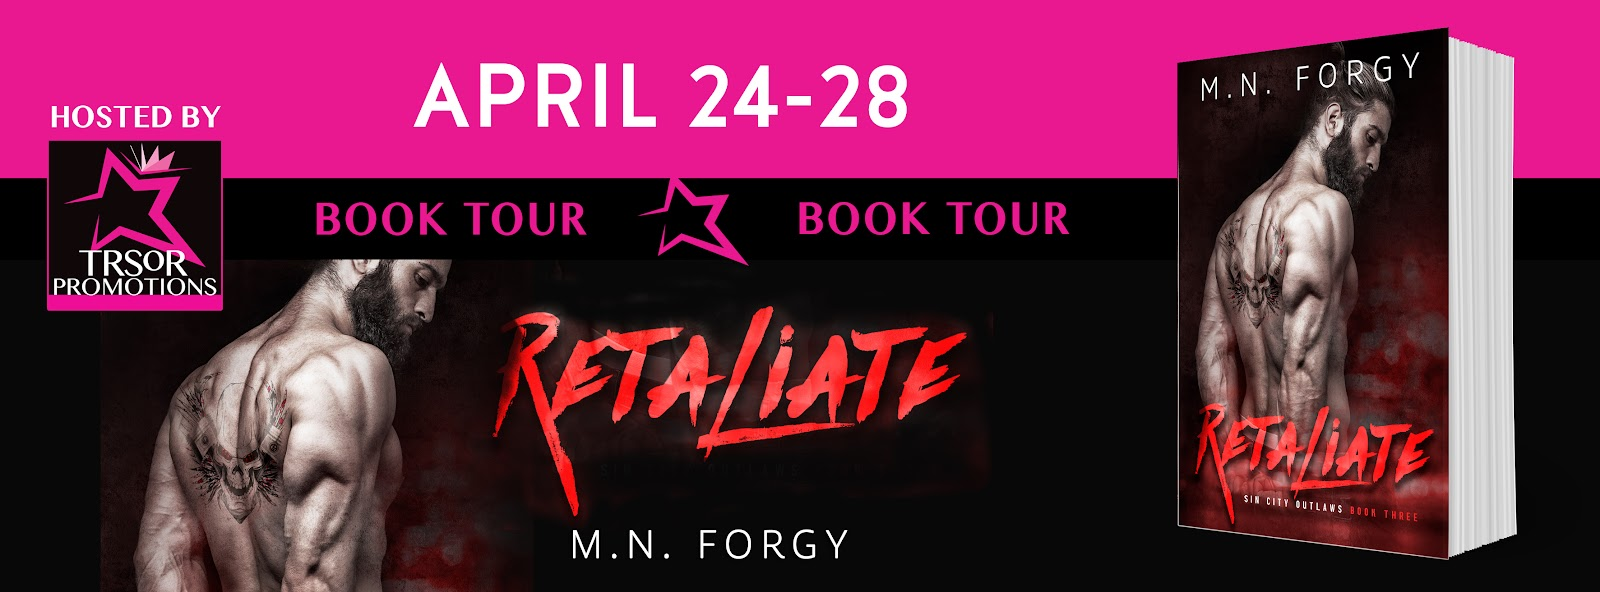 RETAILIATE_BOOK_TOUR.jpg